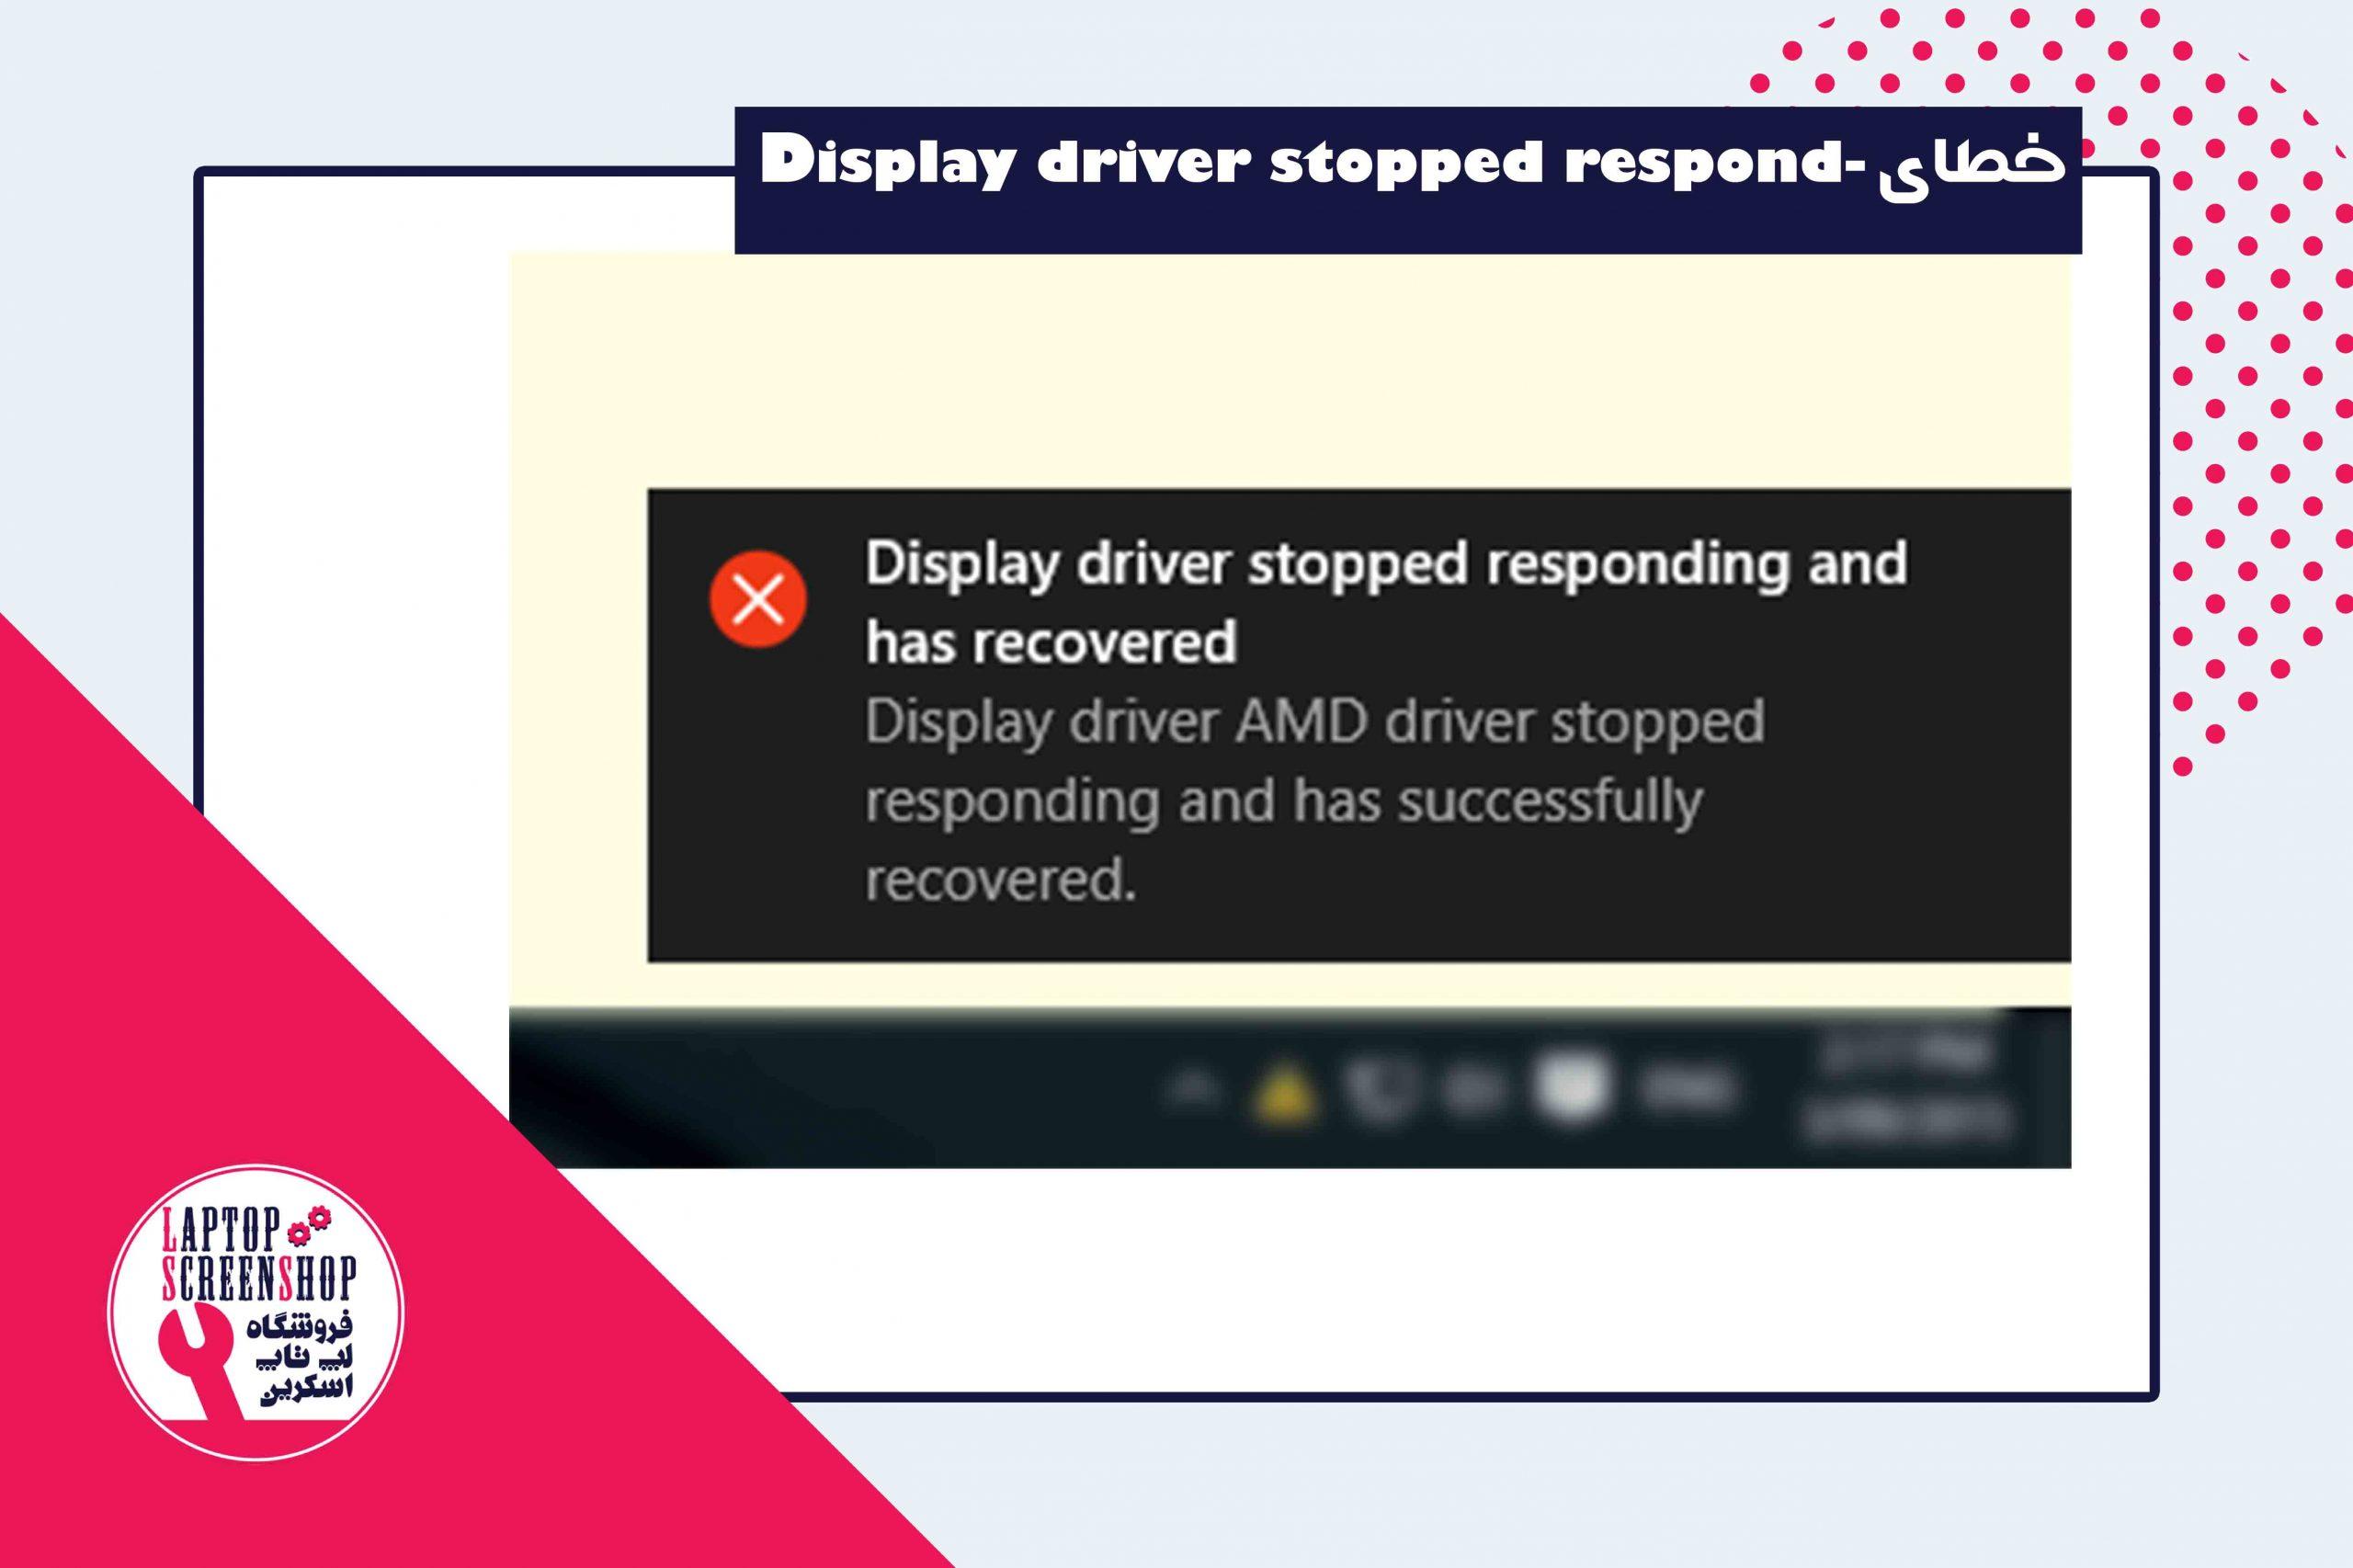 خطایDisplay driver stopped responding and has recovered  فروشگاه لپ تاپ اسکرین  ال سی دی  تعمیرات  تعمیر لپ تاپ  تعمیر گوشی